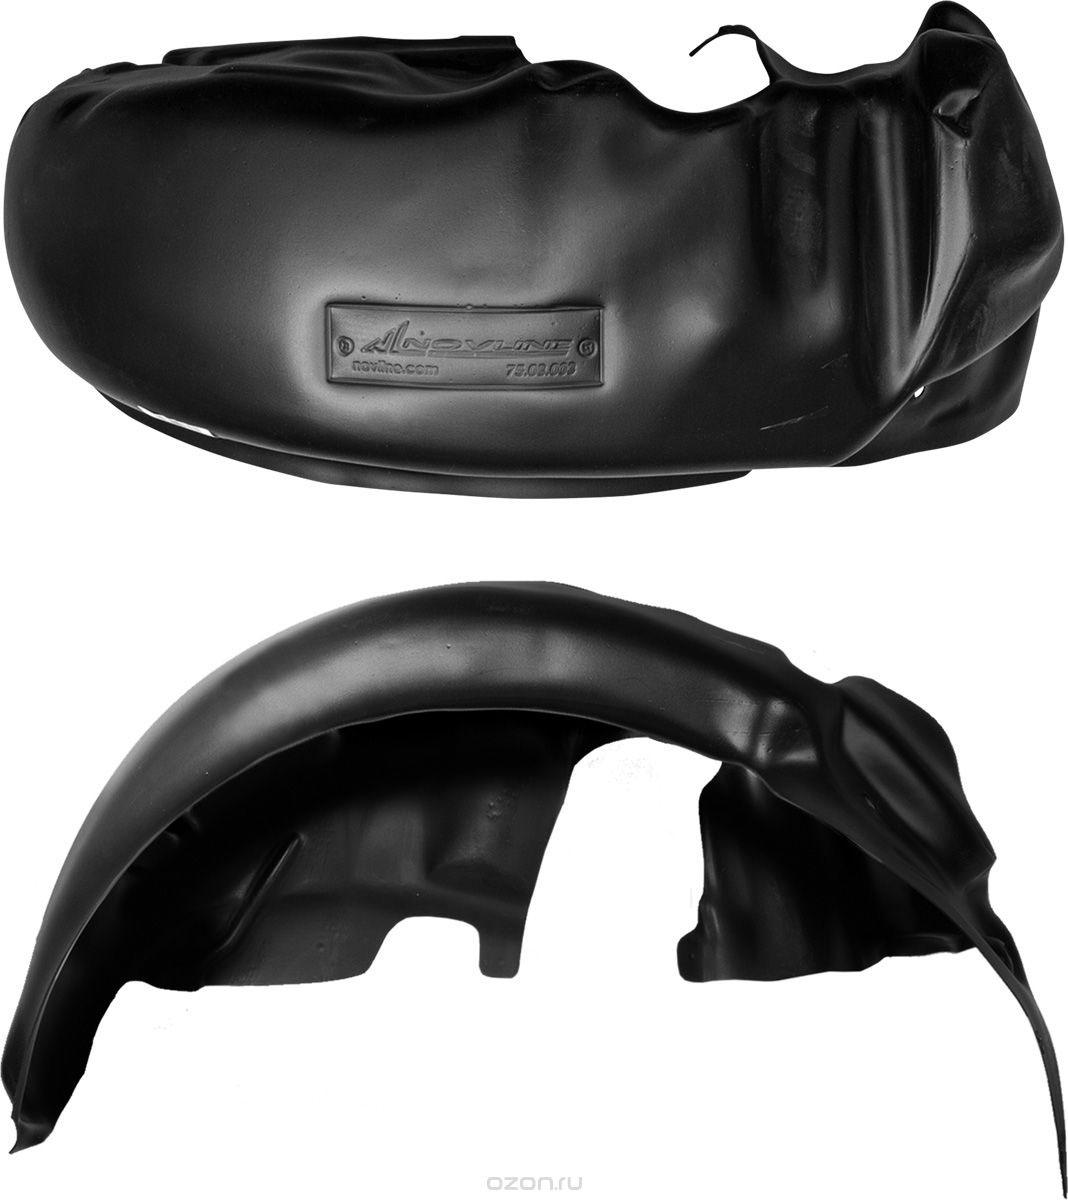 Подкрылок Novline-Autofamily, для MITSUBISHI L200, 2014-2015 с расширителями арок, передний правыйNLL.35.28.002Идеальная защита колесной ниши. Локеры разработаны с применением цифровых технологий, гарантируют максимальную повторяемость поверхности арки. Изделия устанавливаются без нарушения лакокрасочного покрытия автомобиля, каждый подкрылок комплектуется крепежом. Уважаемые клиенты, обращаем ваше внимание, что фотографии на подкрылки универсальные и не отражают реальную форму изделия. При этом само изделие идет точно под размер указанного автомобиля.